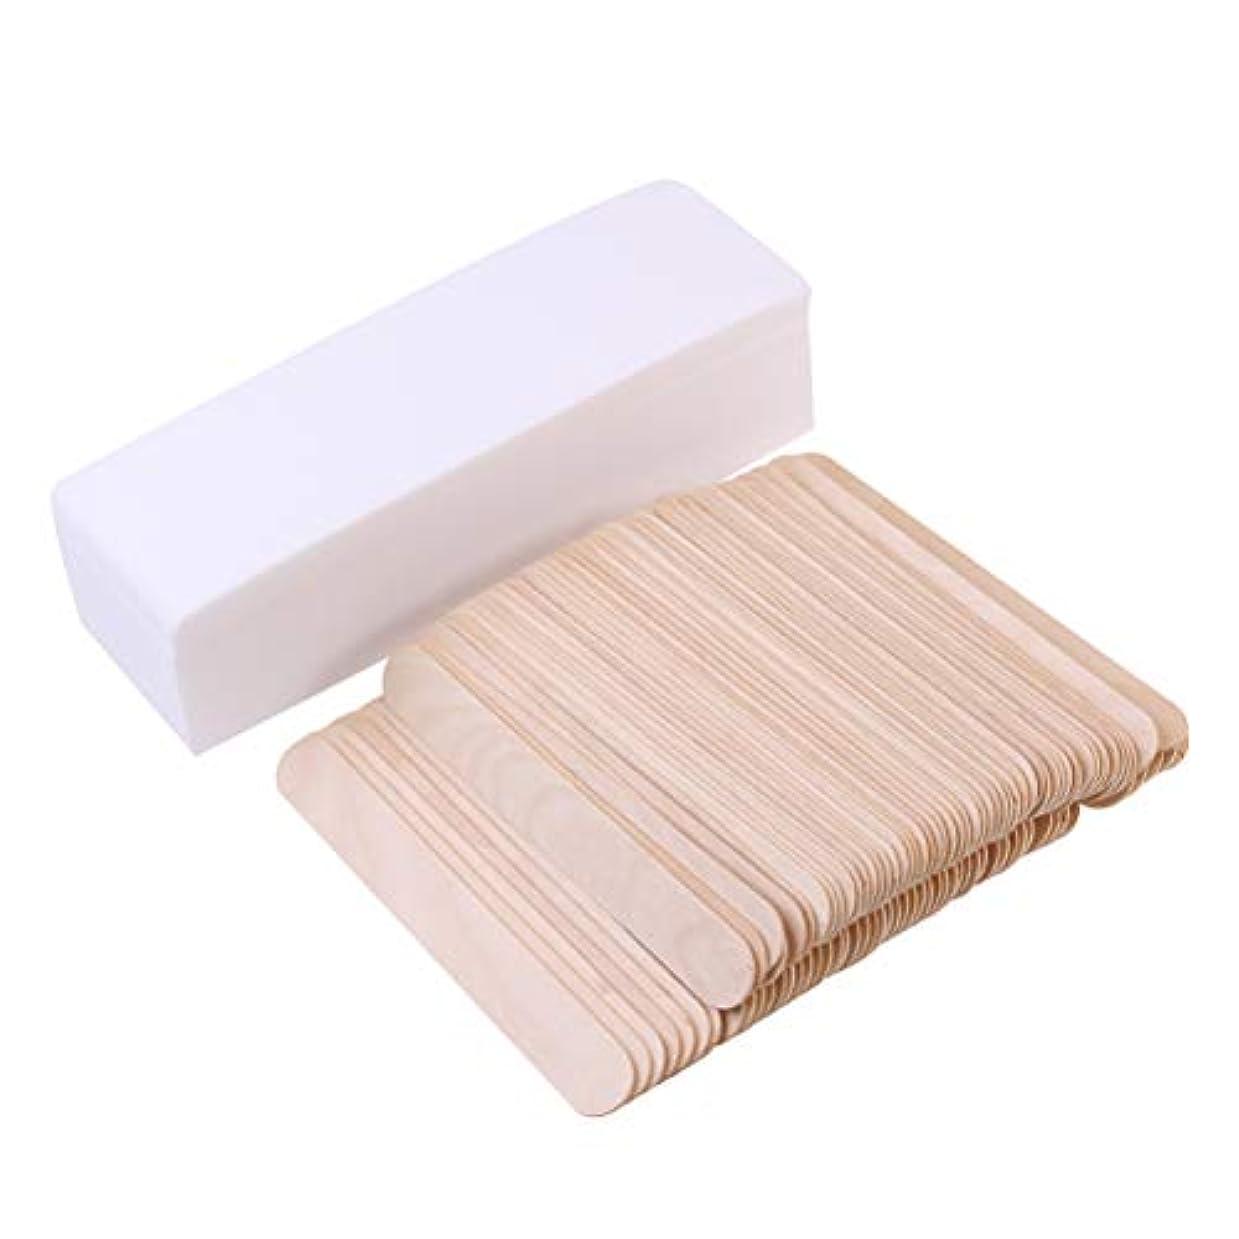 教育コンチネンタルスカートHealifty 毛の取り外しのペーパー使い捨て可能なボディは100pcsワックスが付いているペーパーを取り除きます